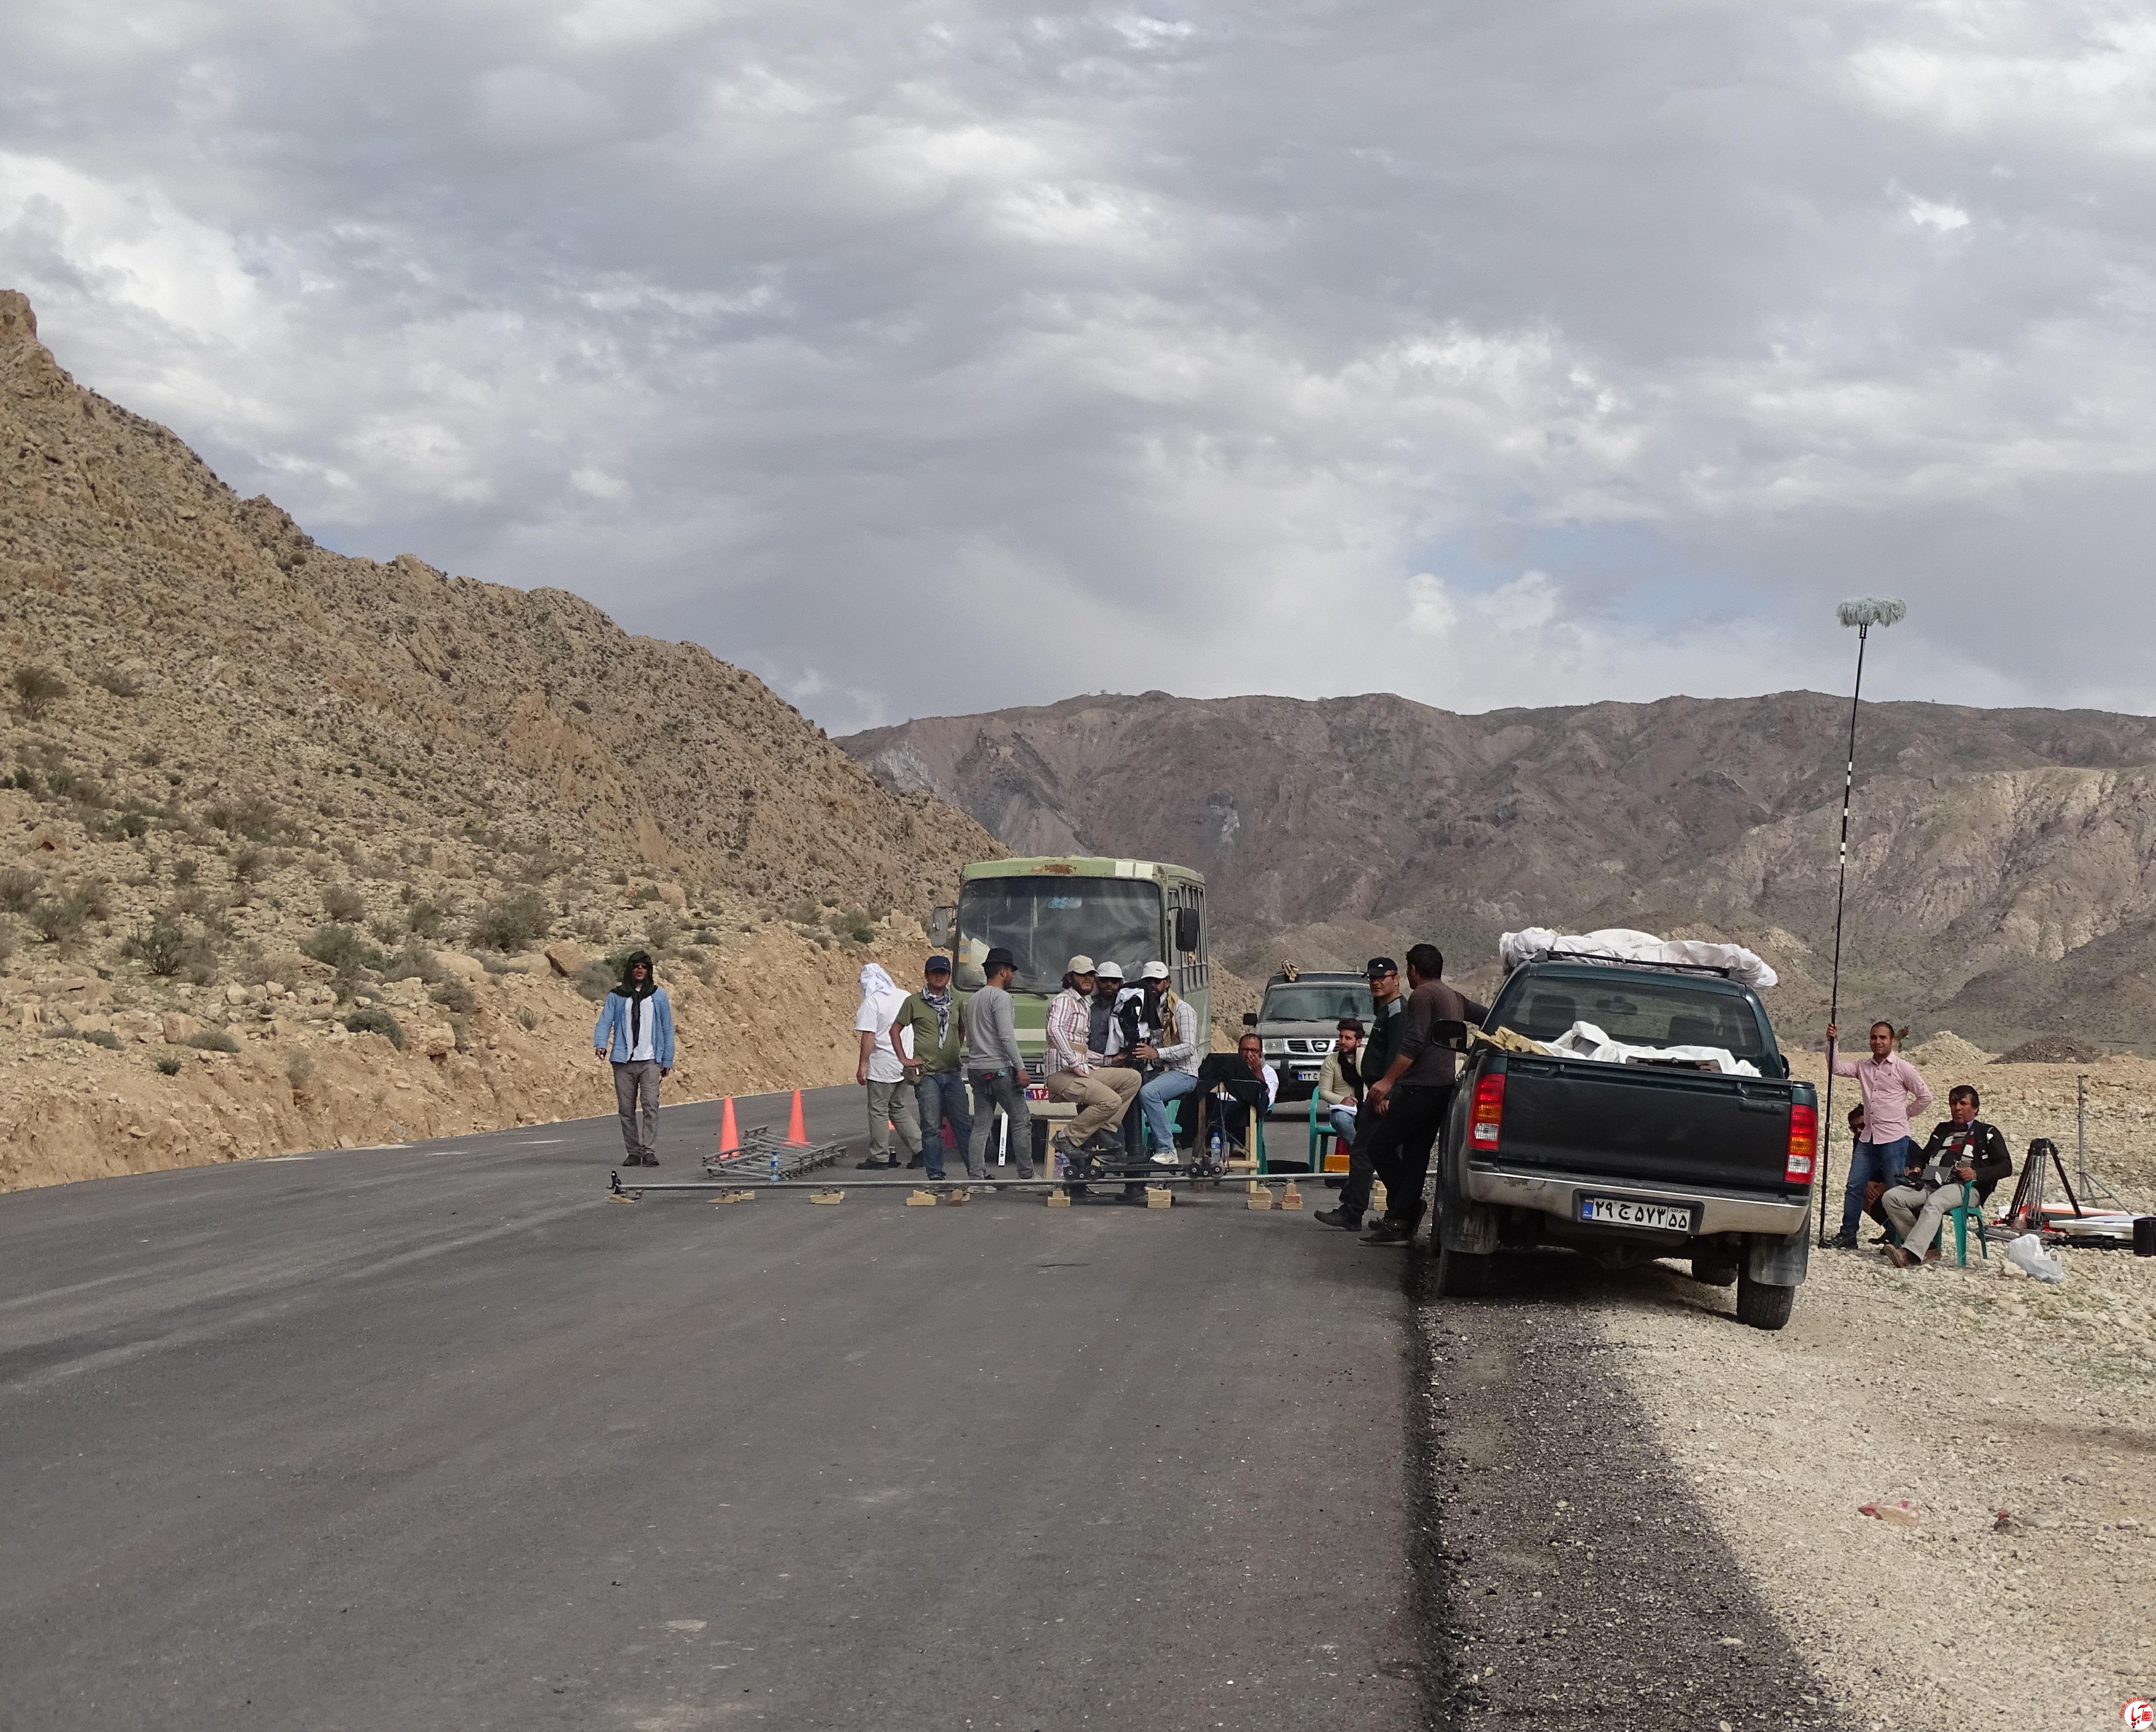 تولید فیلم سینمایی در شهرستان فراشبند/ تصویر